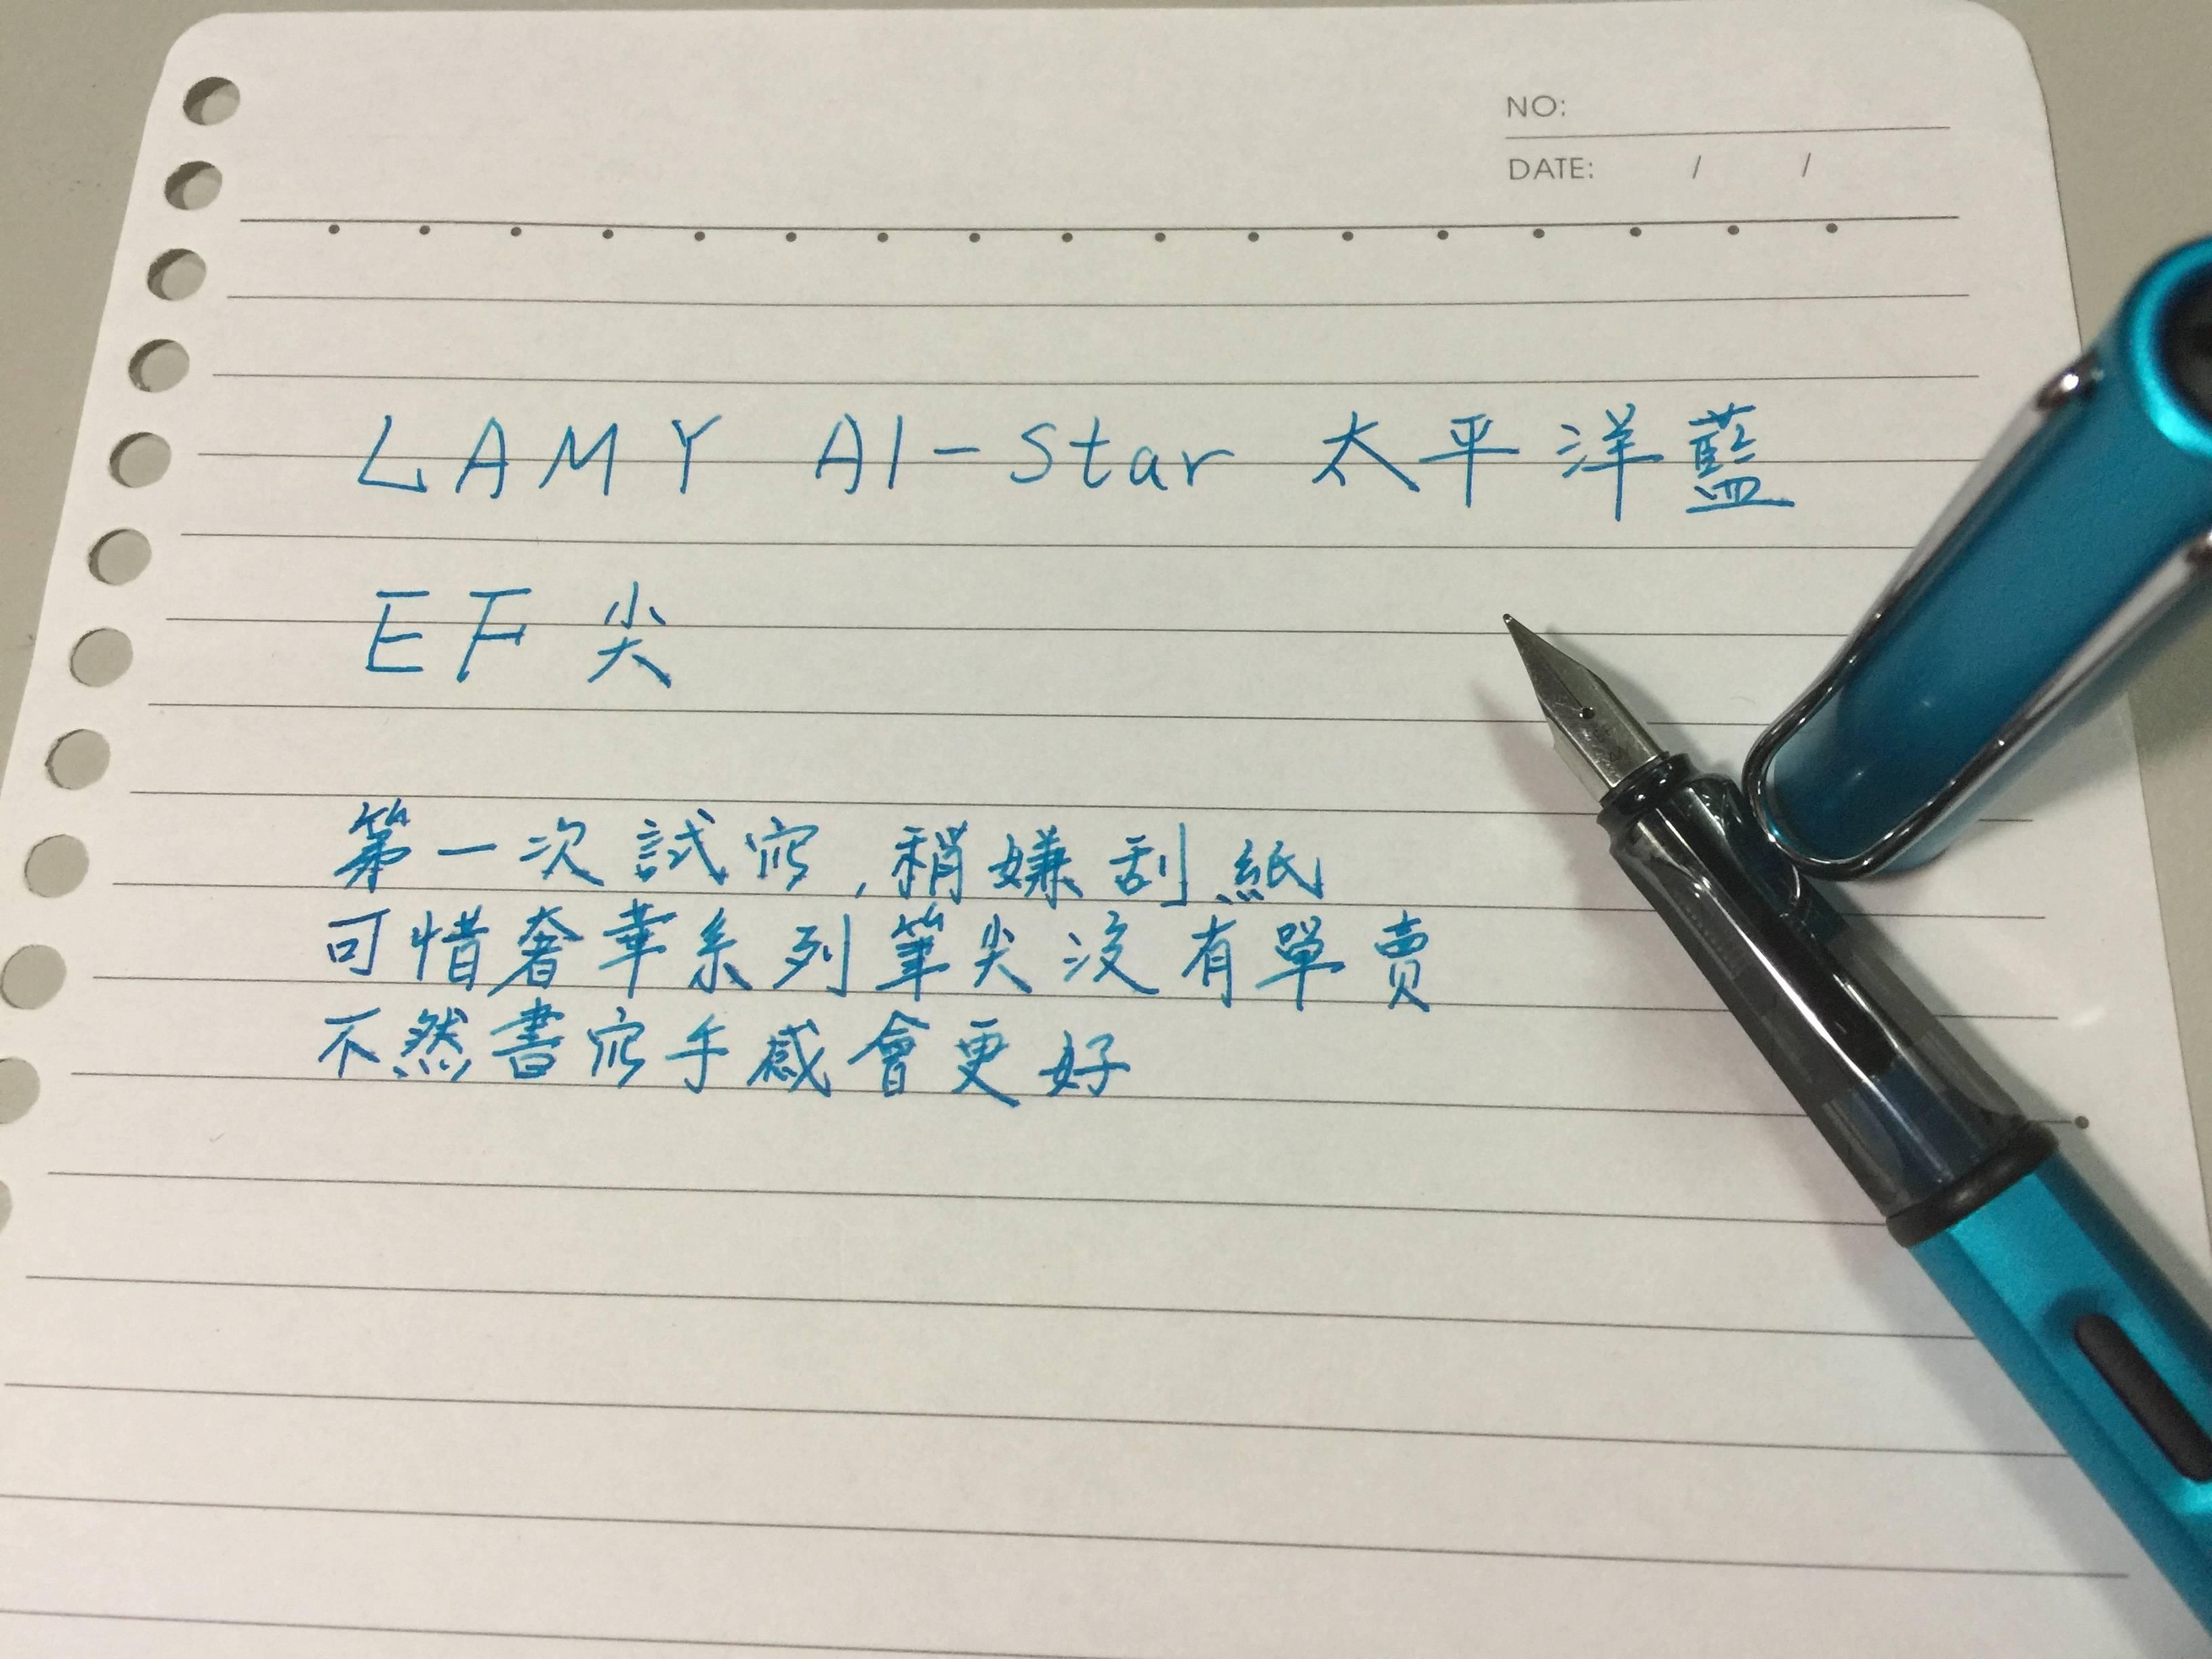 #鋼筆#開箱 LAMY AL-STAR 2017限定色 太平洋 - 手作板 | Dcard